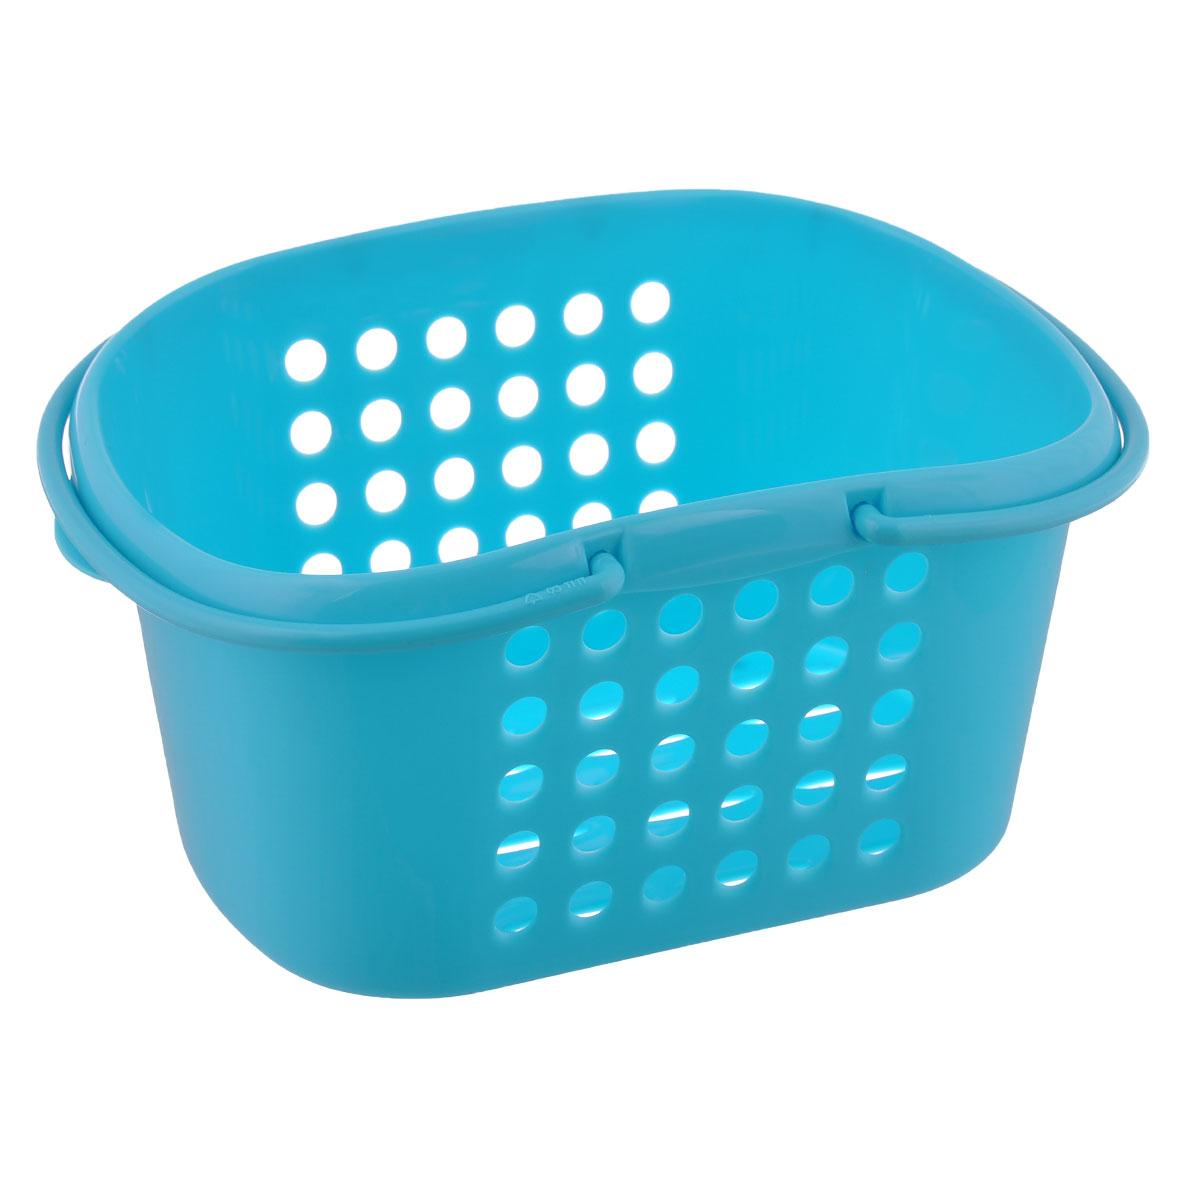 Корзинка универсальная Econova, с ручками, цвет: голубой, 23 х 17,3 х 11,5 см корзинка универсальная econova с ручками цвет красный 19 х 18 5 х 23 см